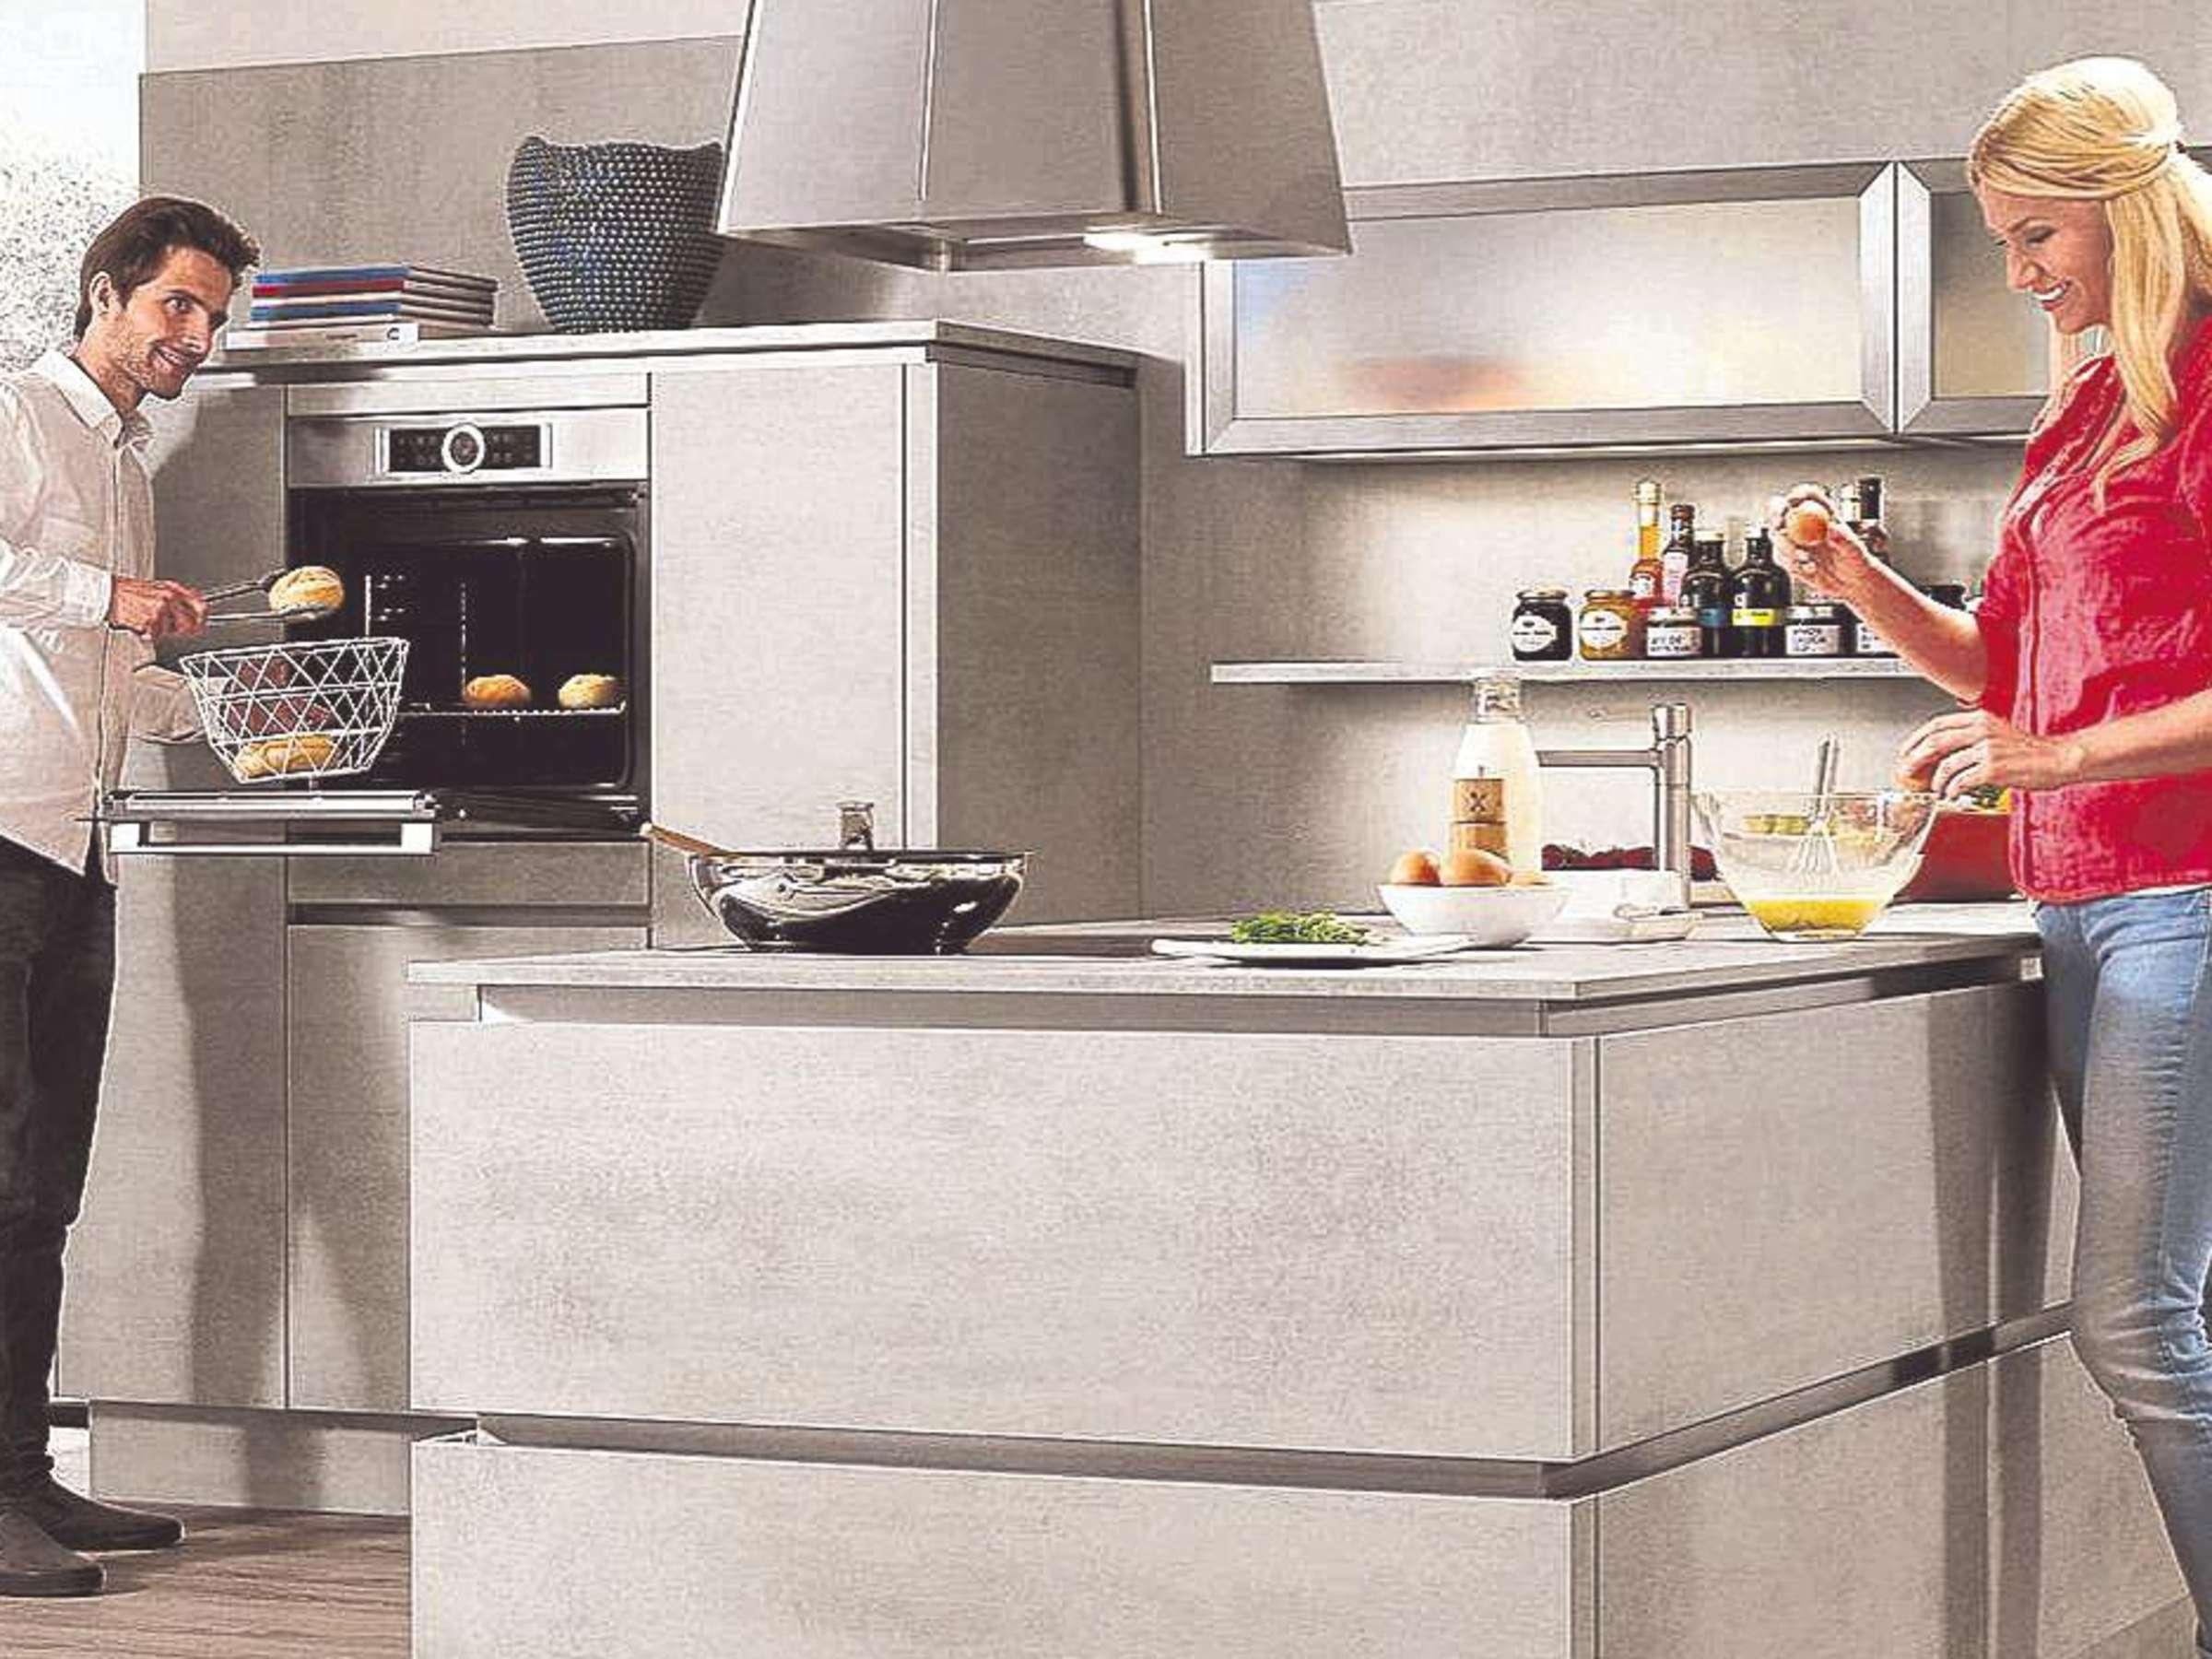 Grundriss, Anschlüsse, Zubehör: Küche frühzeitig planen  Anzeigen